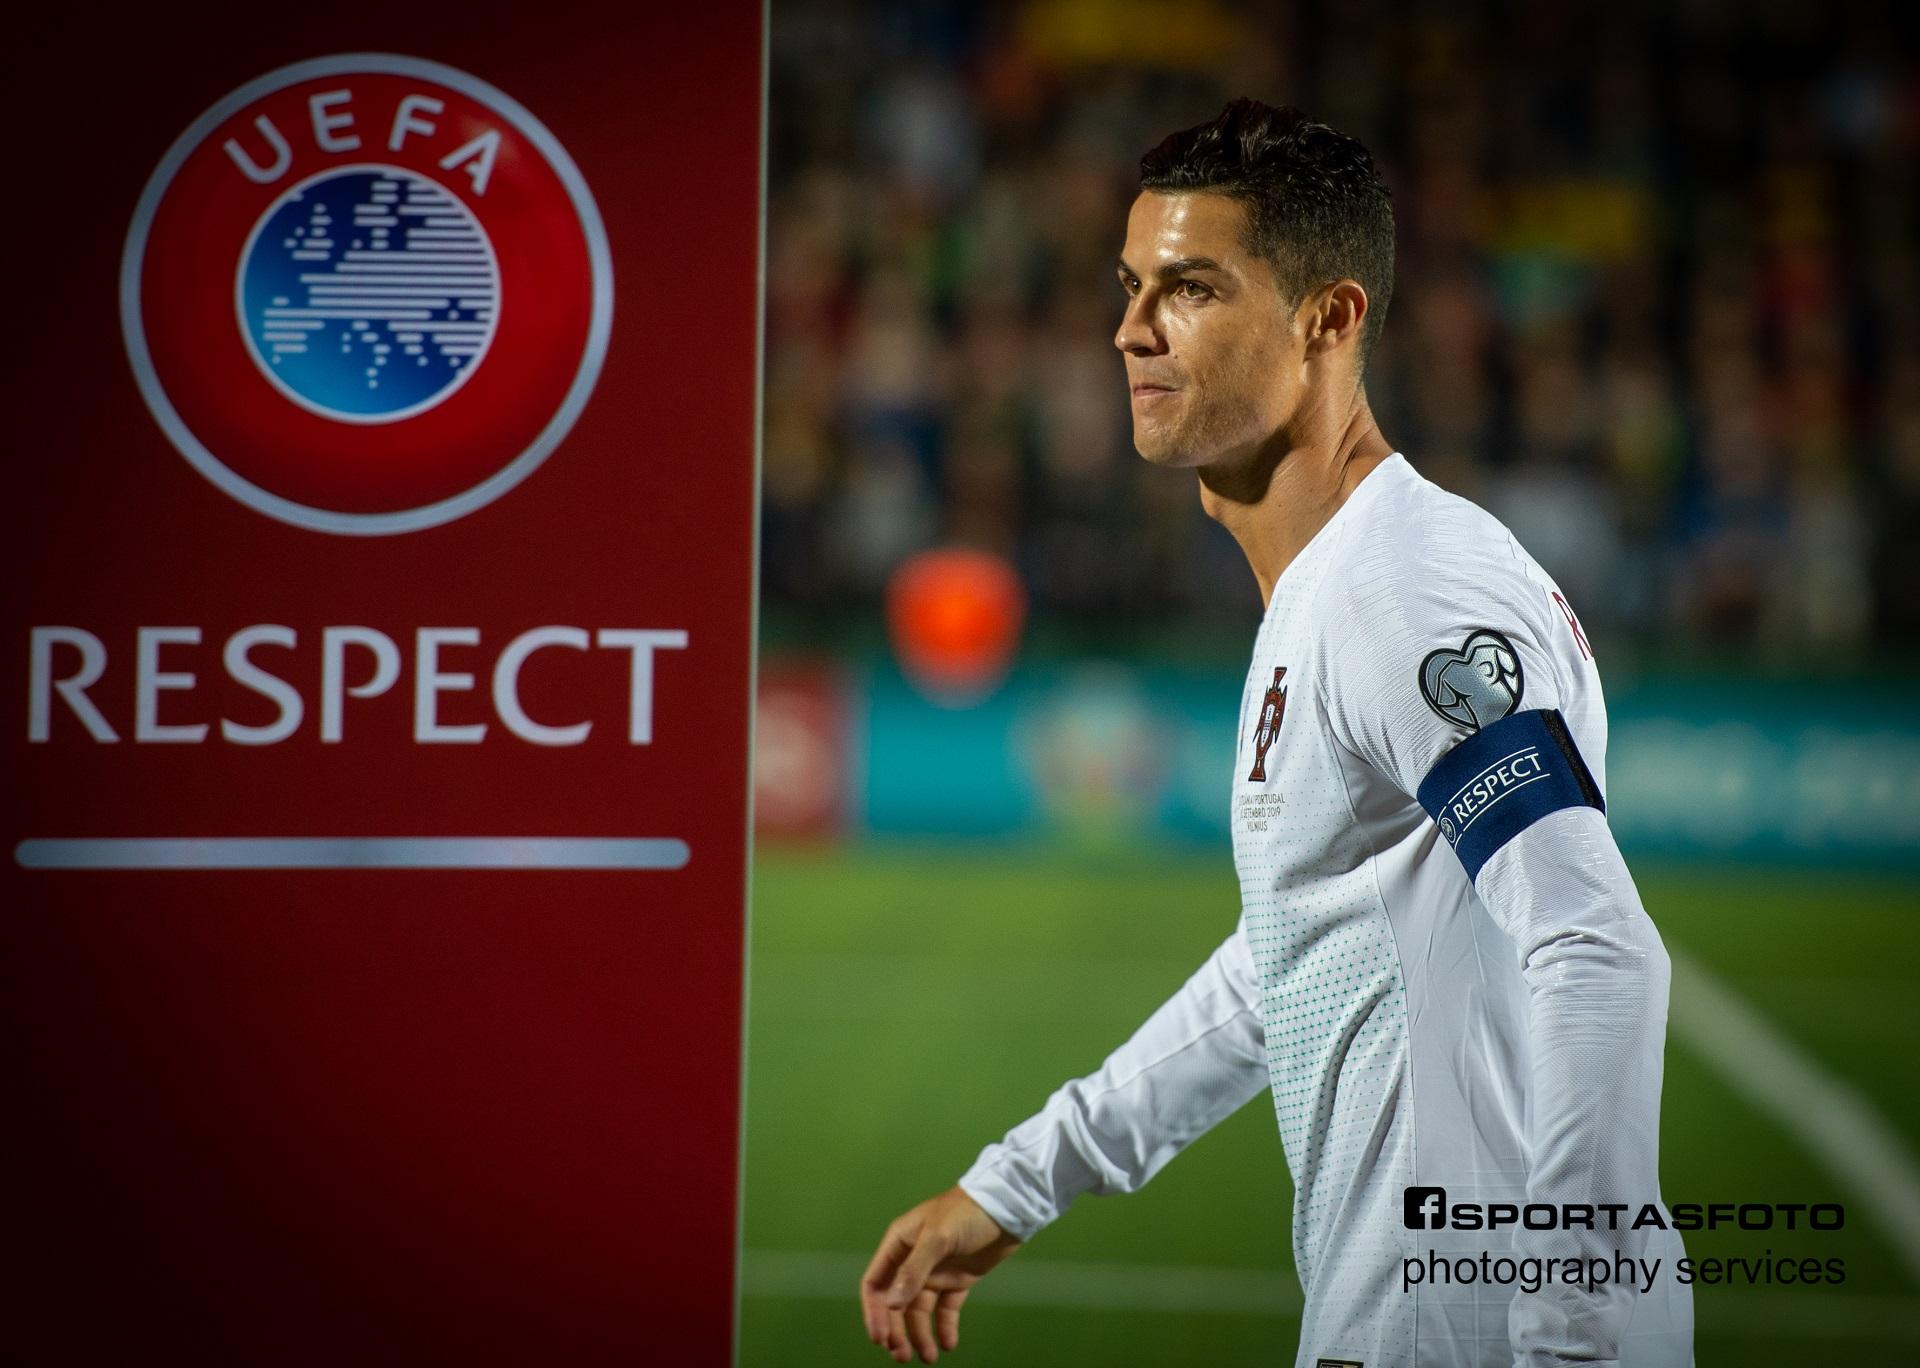 Christiano Ronaldo buvo vienas iš Ernesto Zarnadzės svajonių kadrų, kuris, kaip jis pats sako, pakankamai nesunkiai išsipildė. / Ernesto Zarnadzės nuotr.